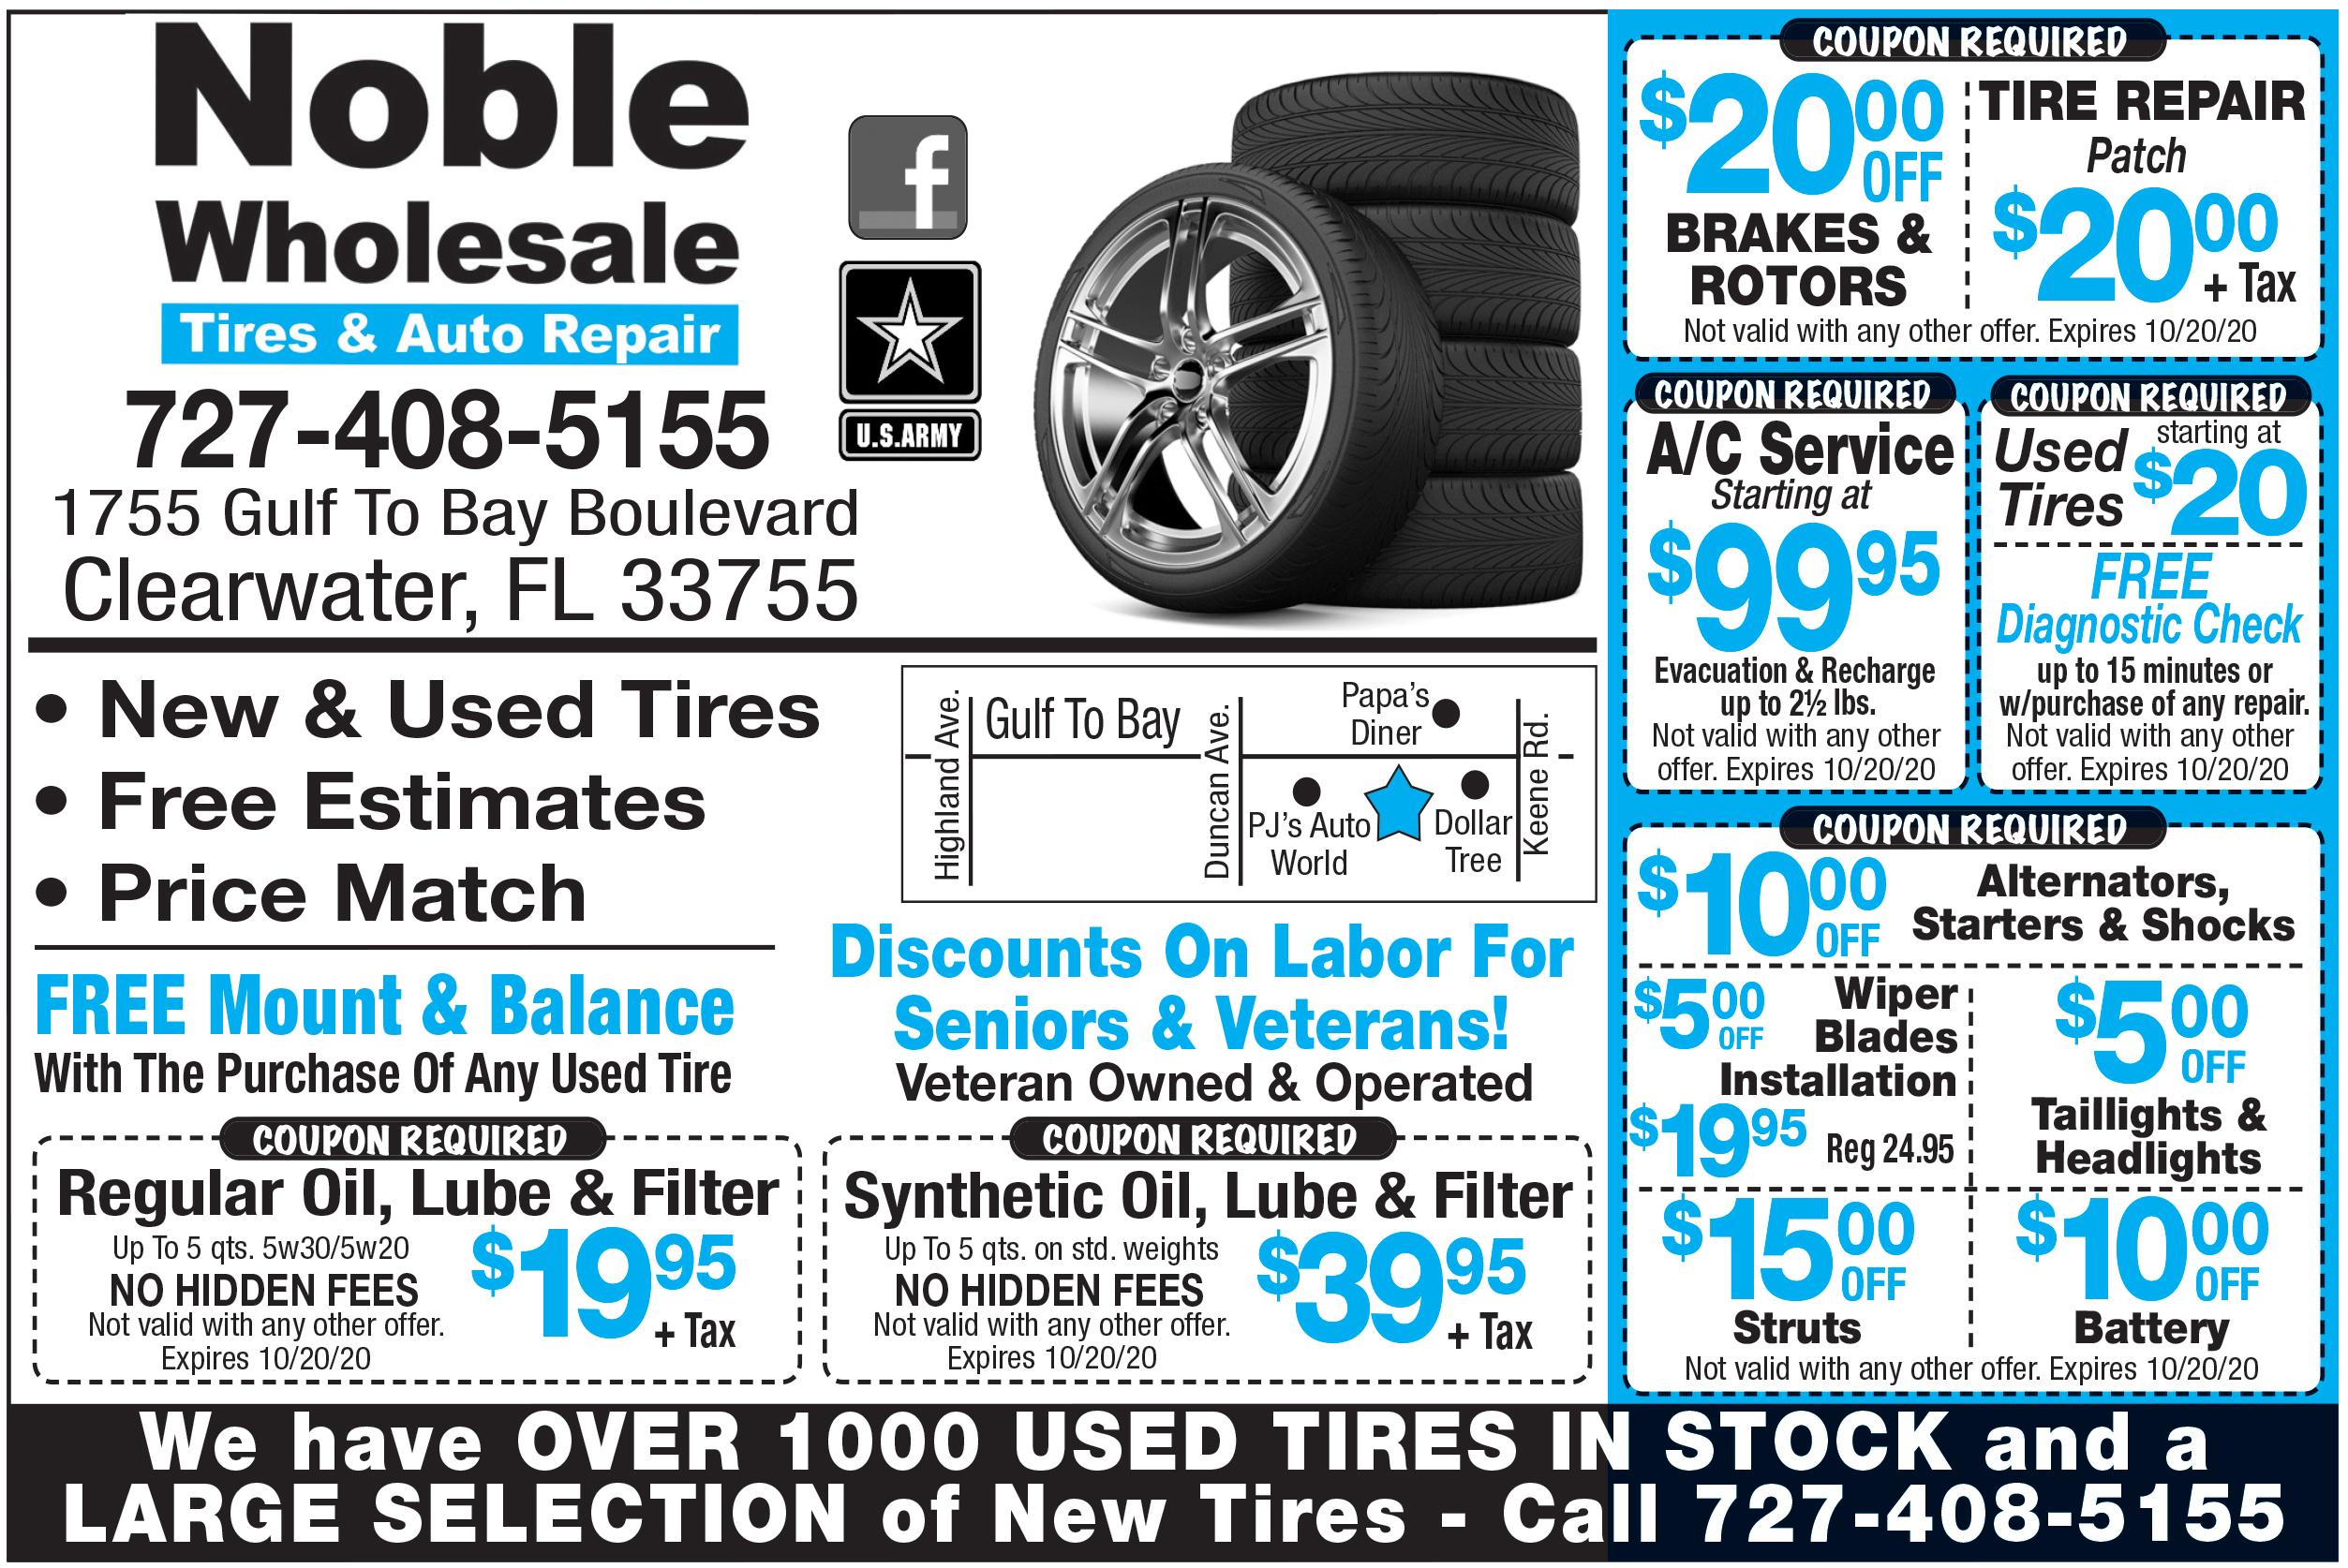 Noble-Wholesale